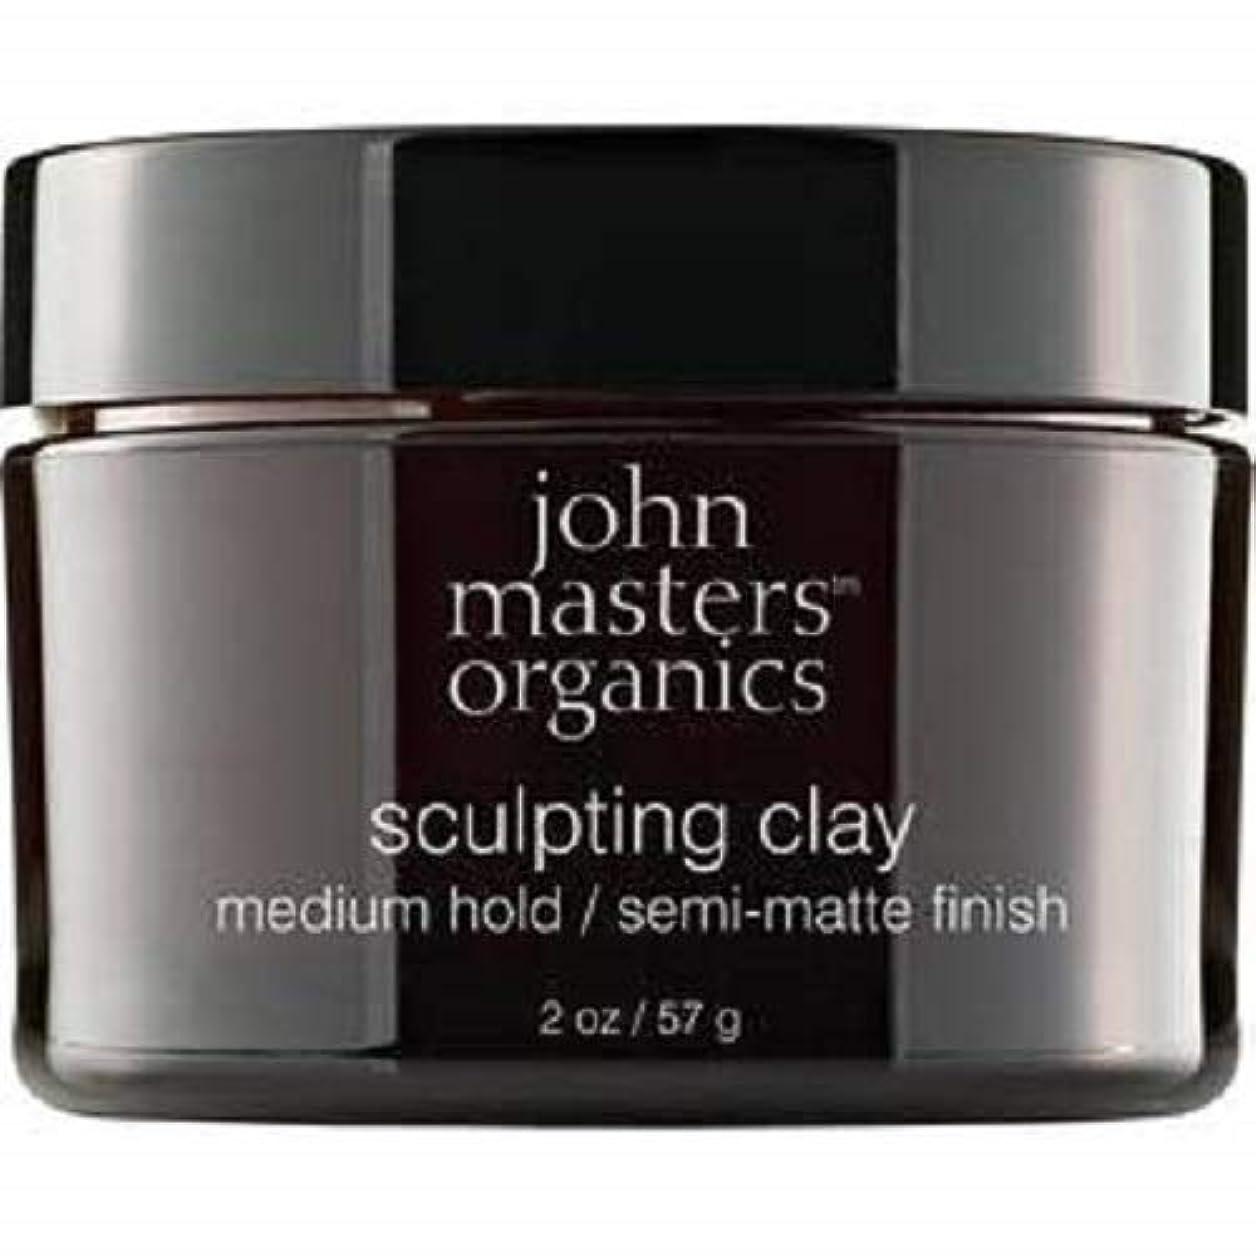 排除利益楽しいJohn Masters Organics Sculpting Clay medium hold / semi-matt finish 2 OZ,57 g